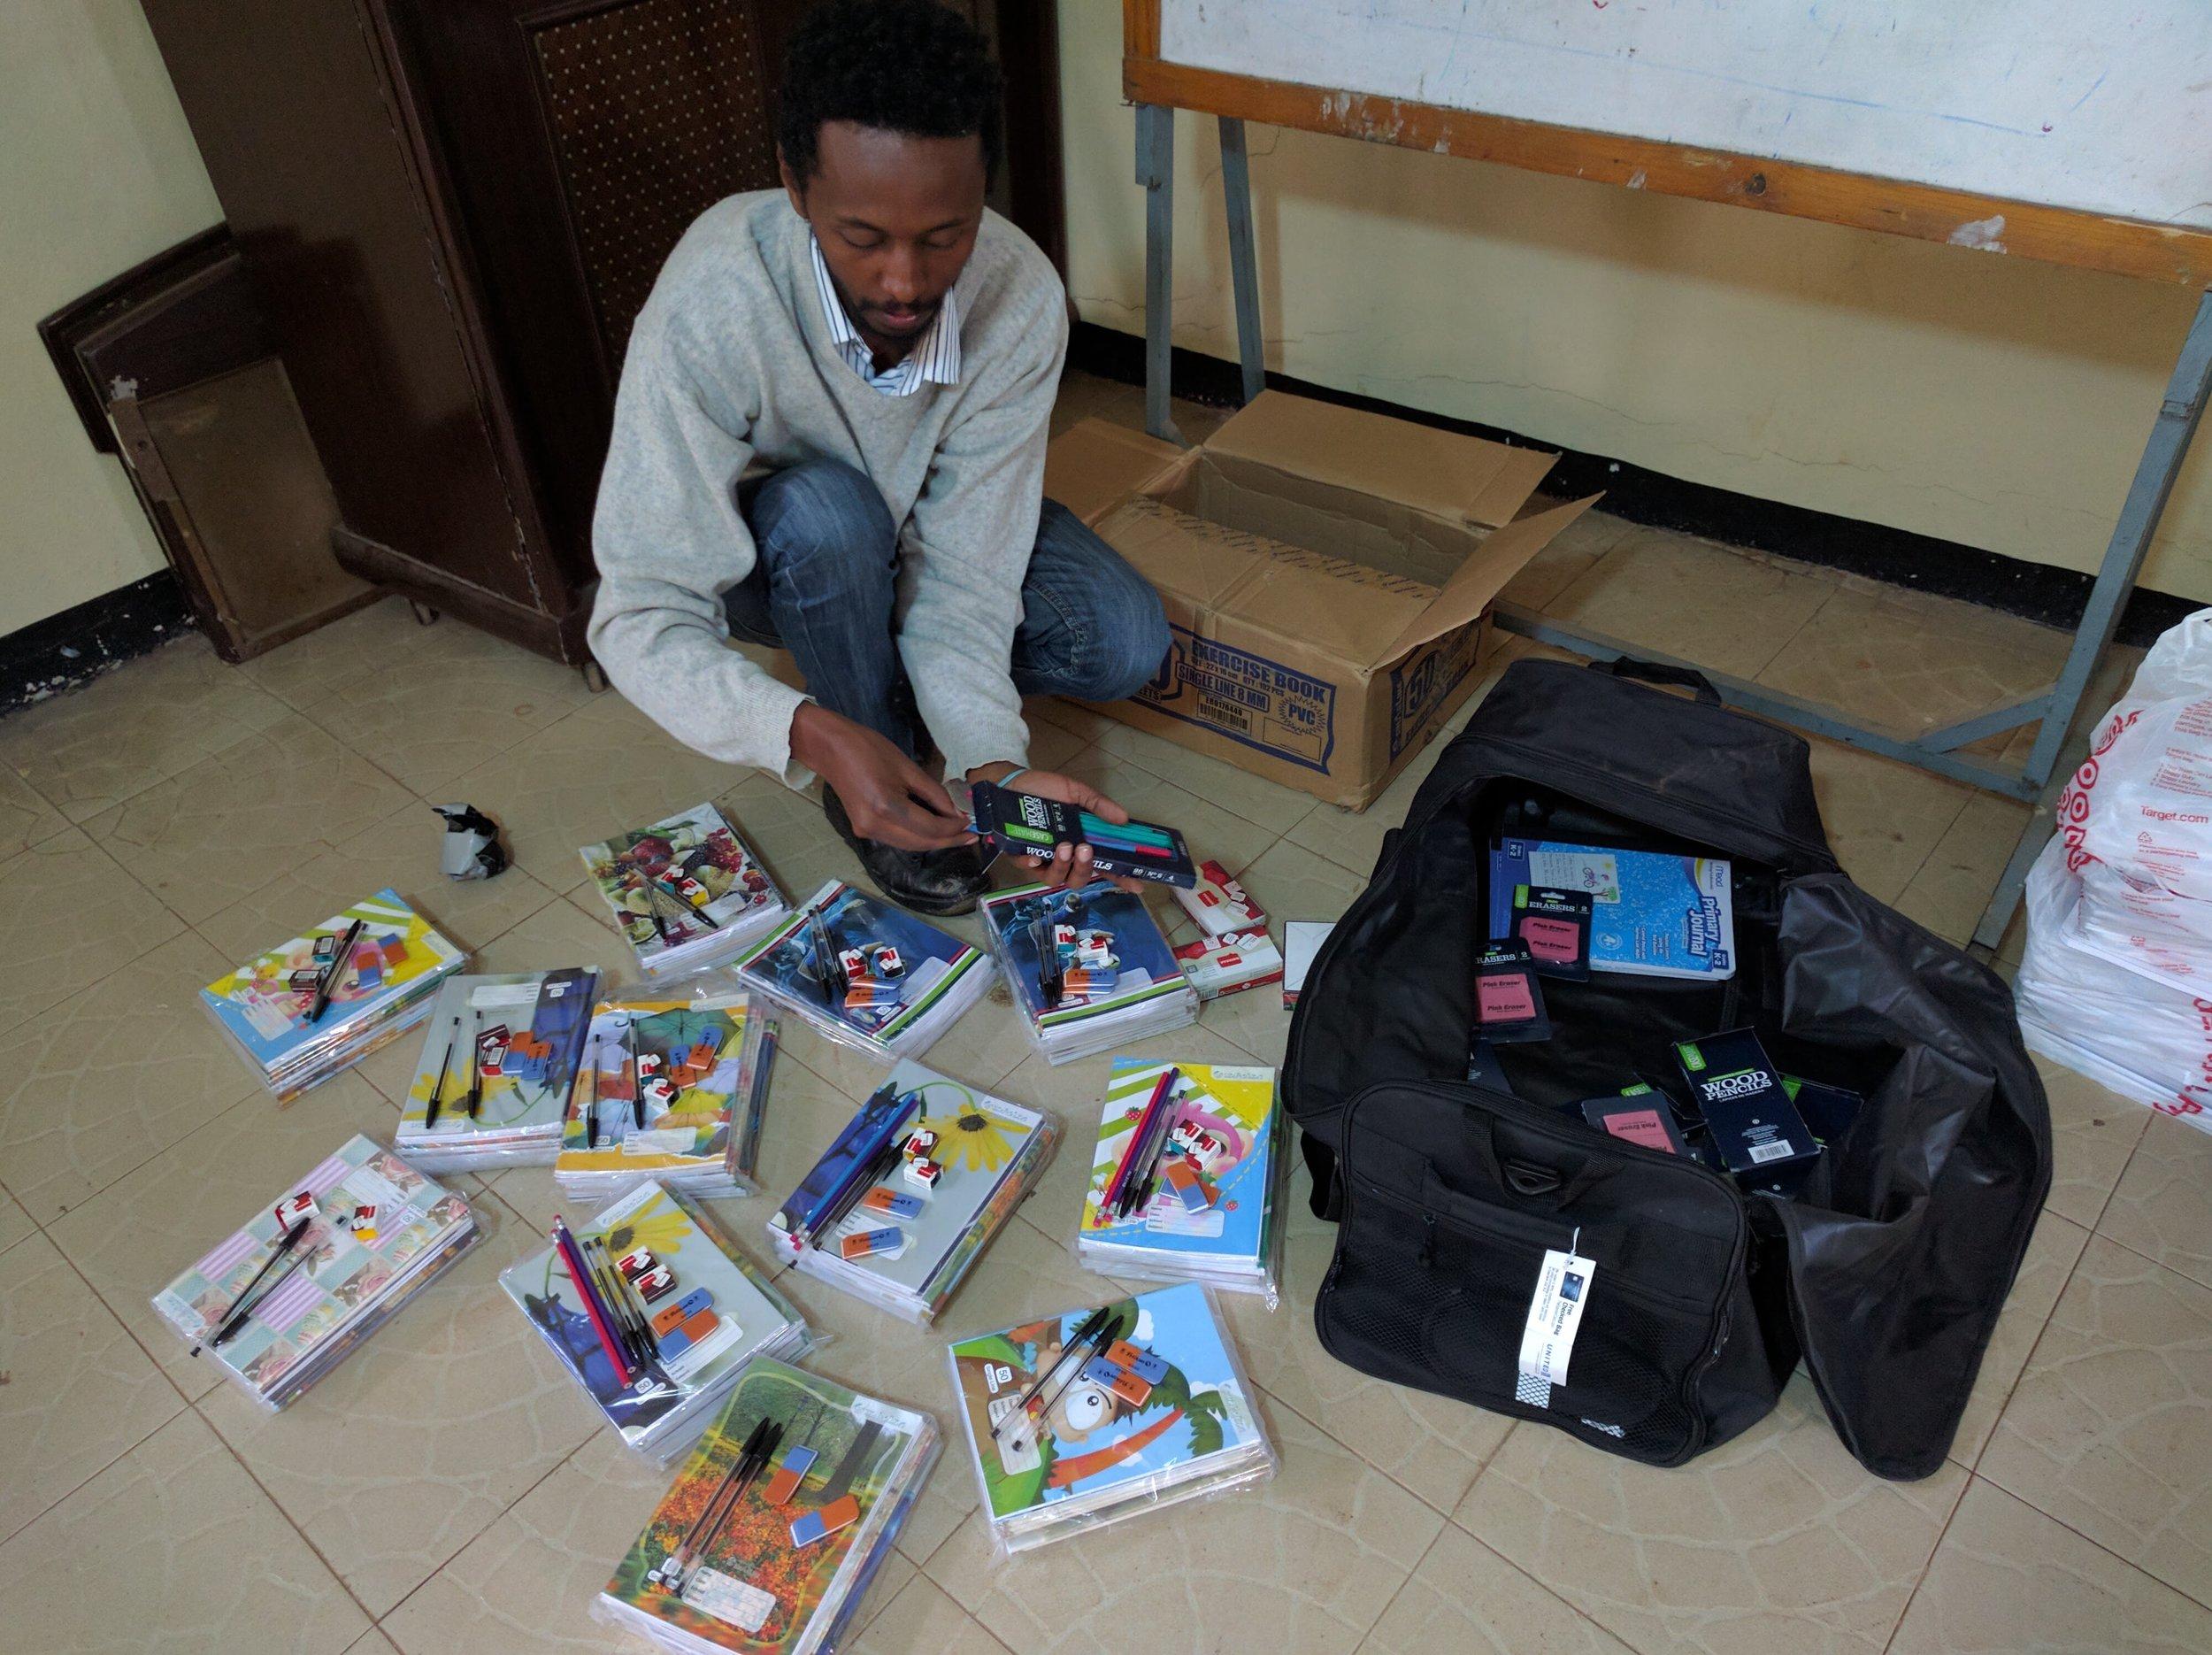 Sorting school supplies